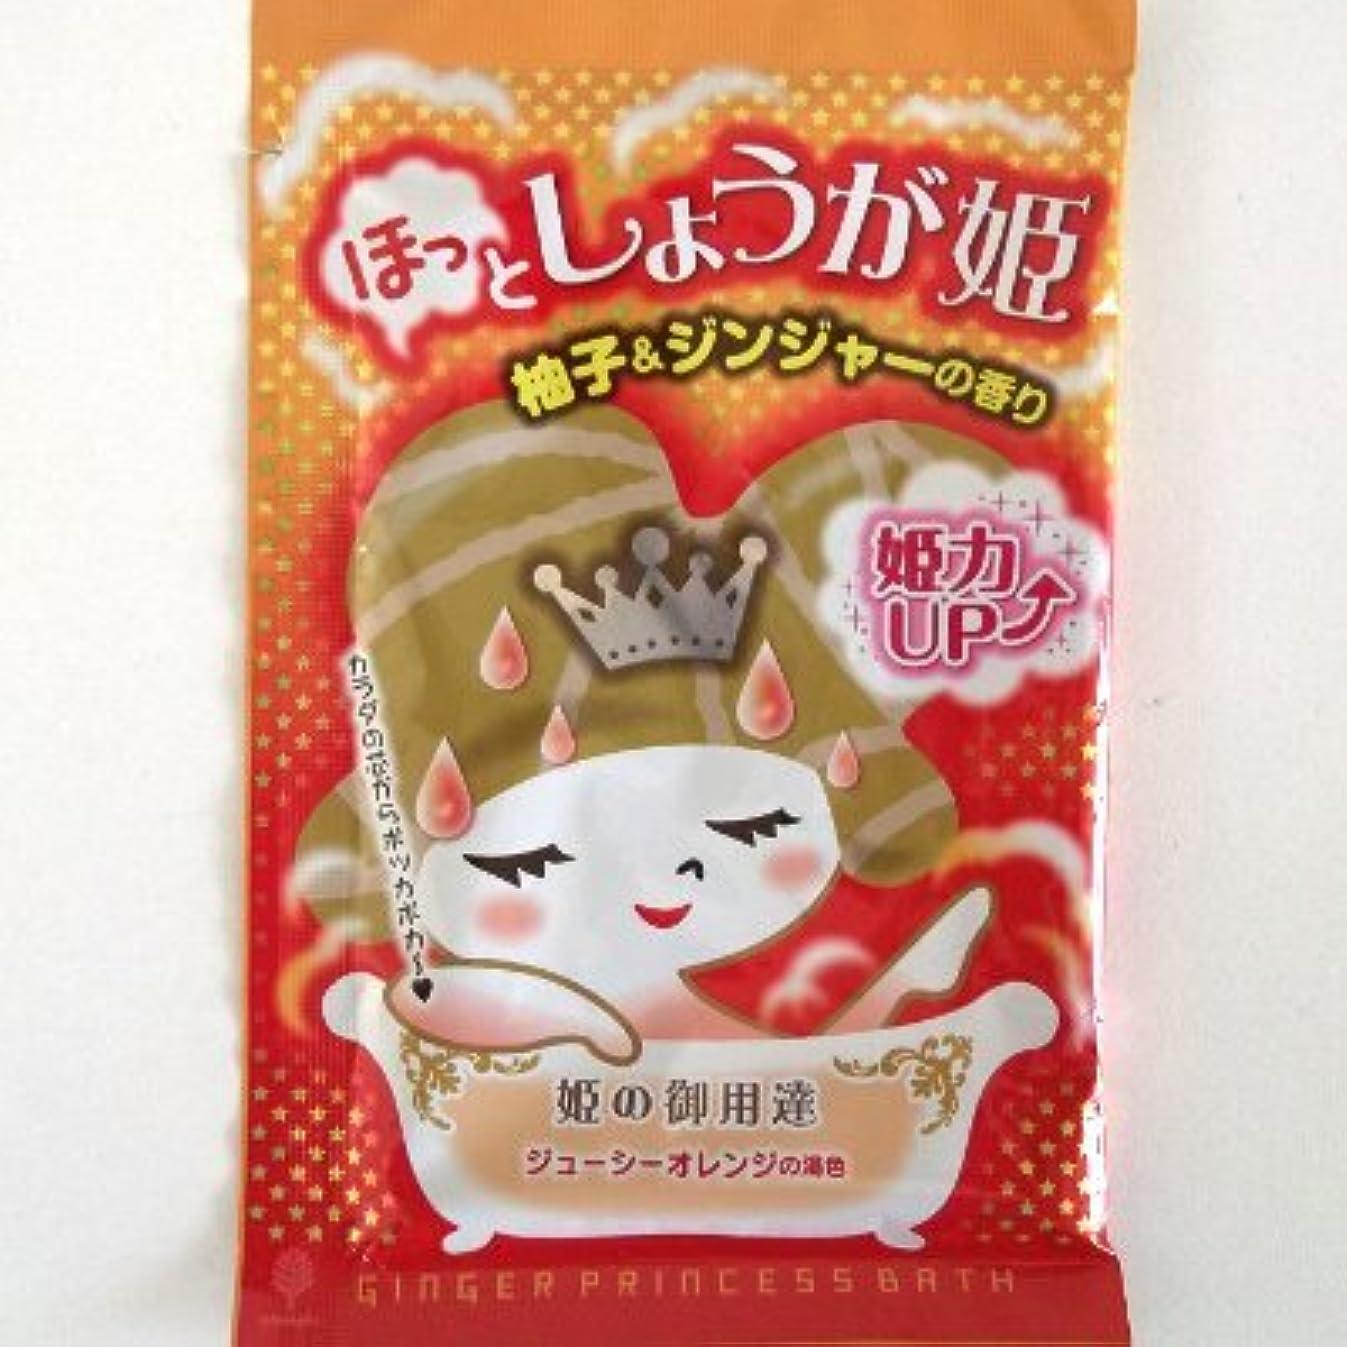 学校教育お祝い脱臼する紀陽除虫菊 ほっとしょうが姫 柚子&ジンジャーの香り【まとめ買い12個セット】 N-8400